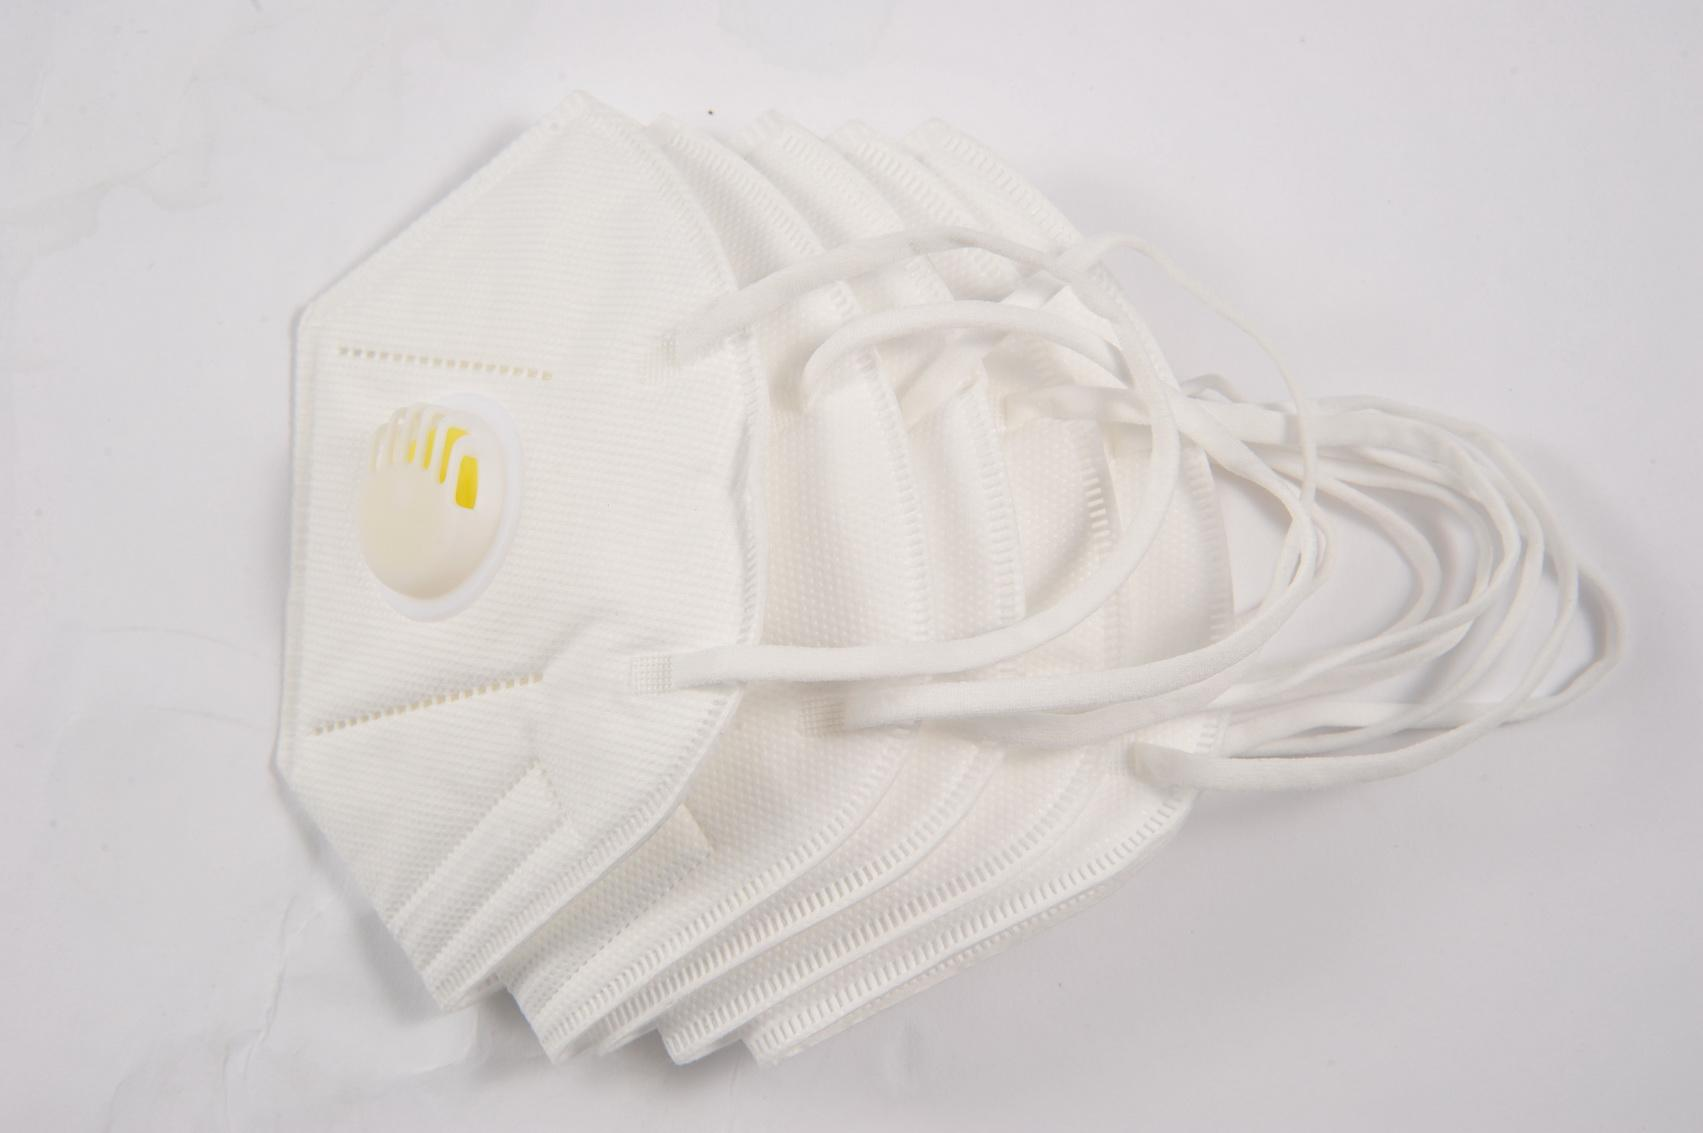 В наличии! Велоспорт маска Hot Sale РМ2,5 Haze Защитный Проектировщик маска Респиратор пылезащитный Рот-муфельной водонепроницаемый бесплатно с клапаном